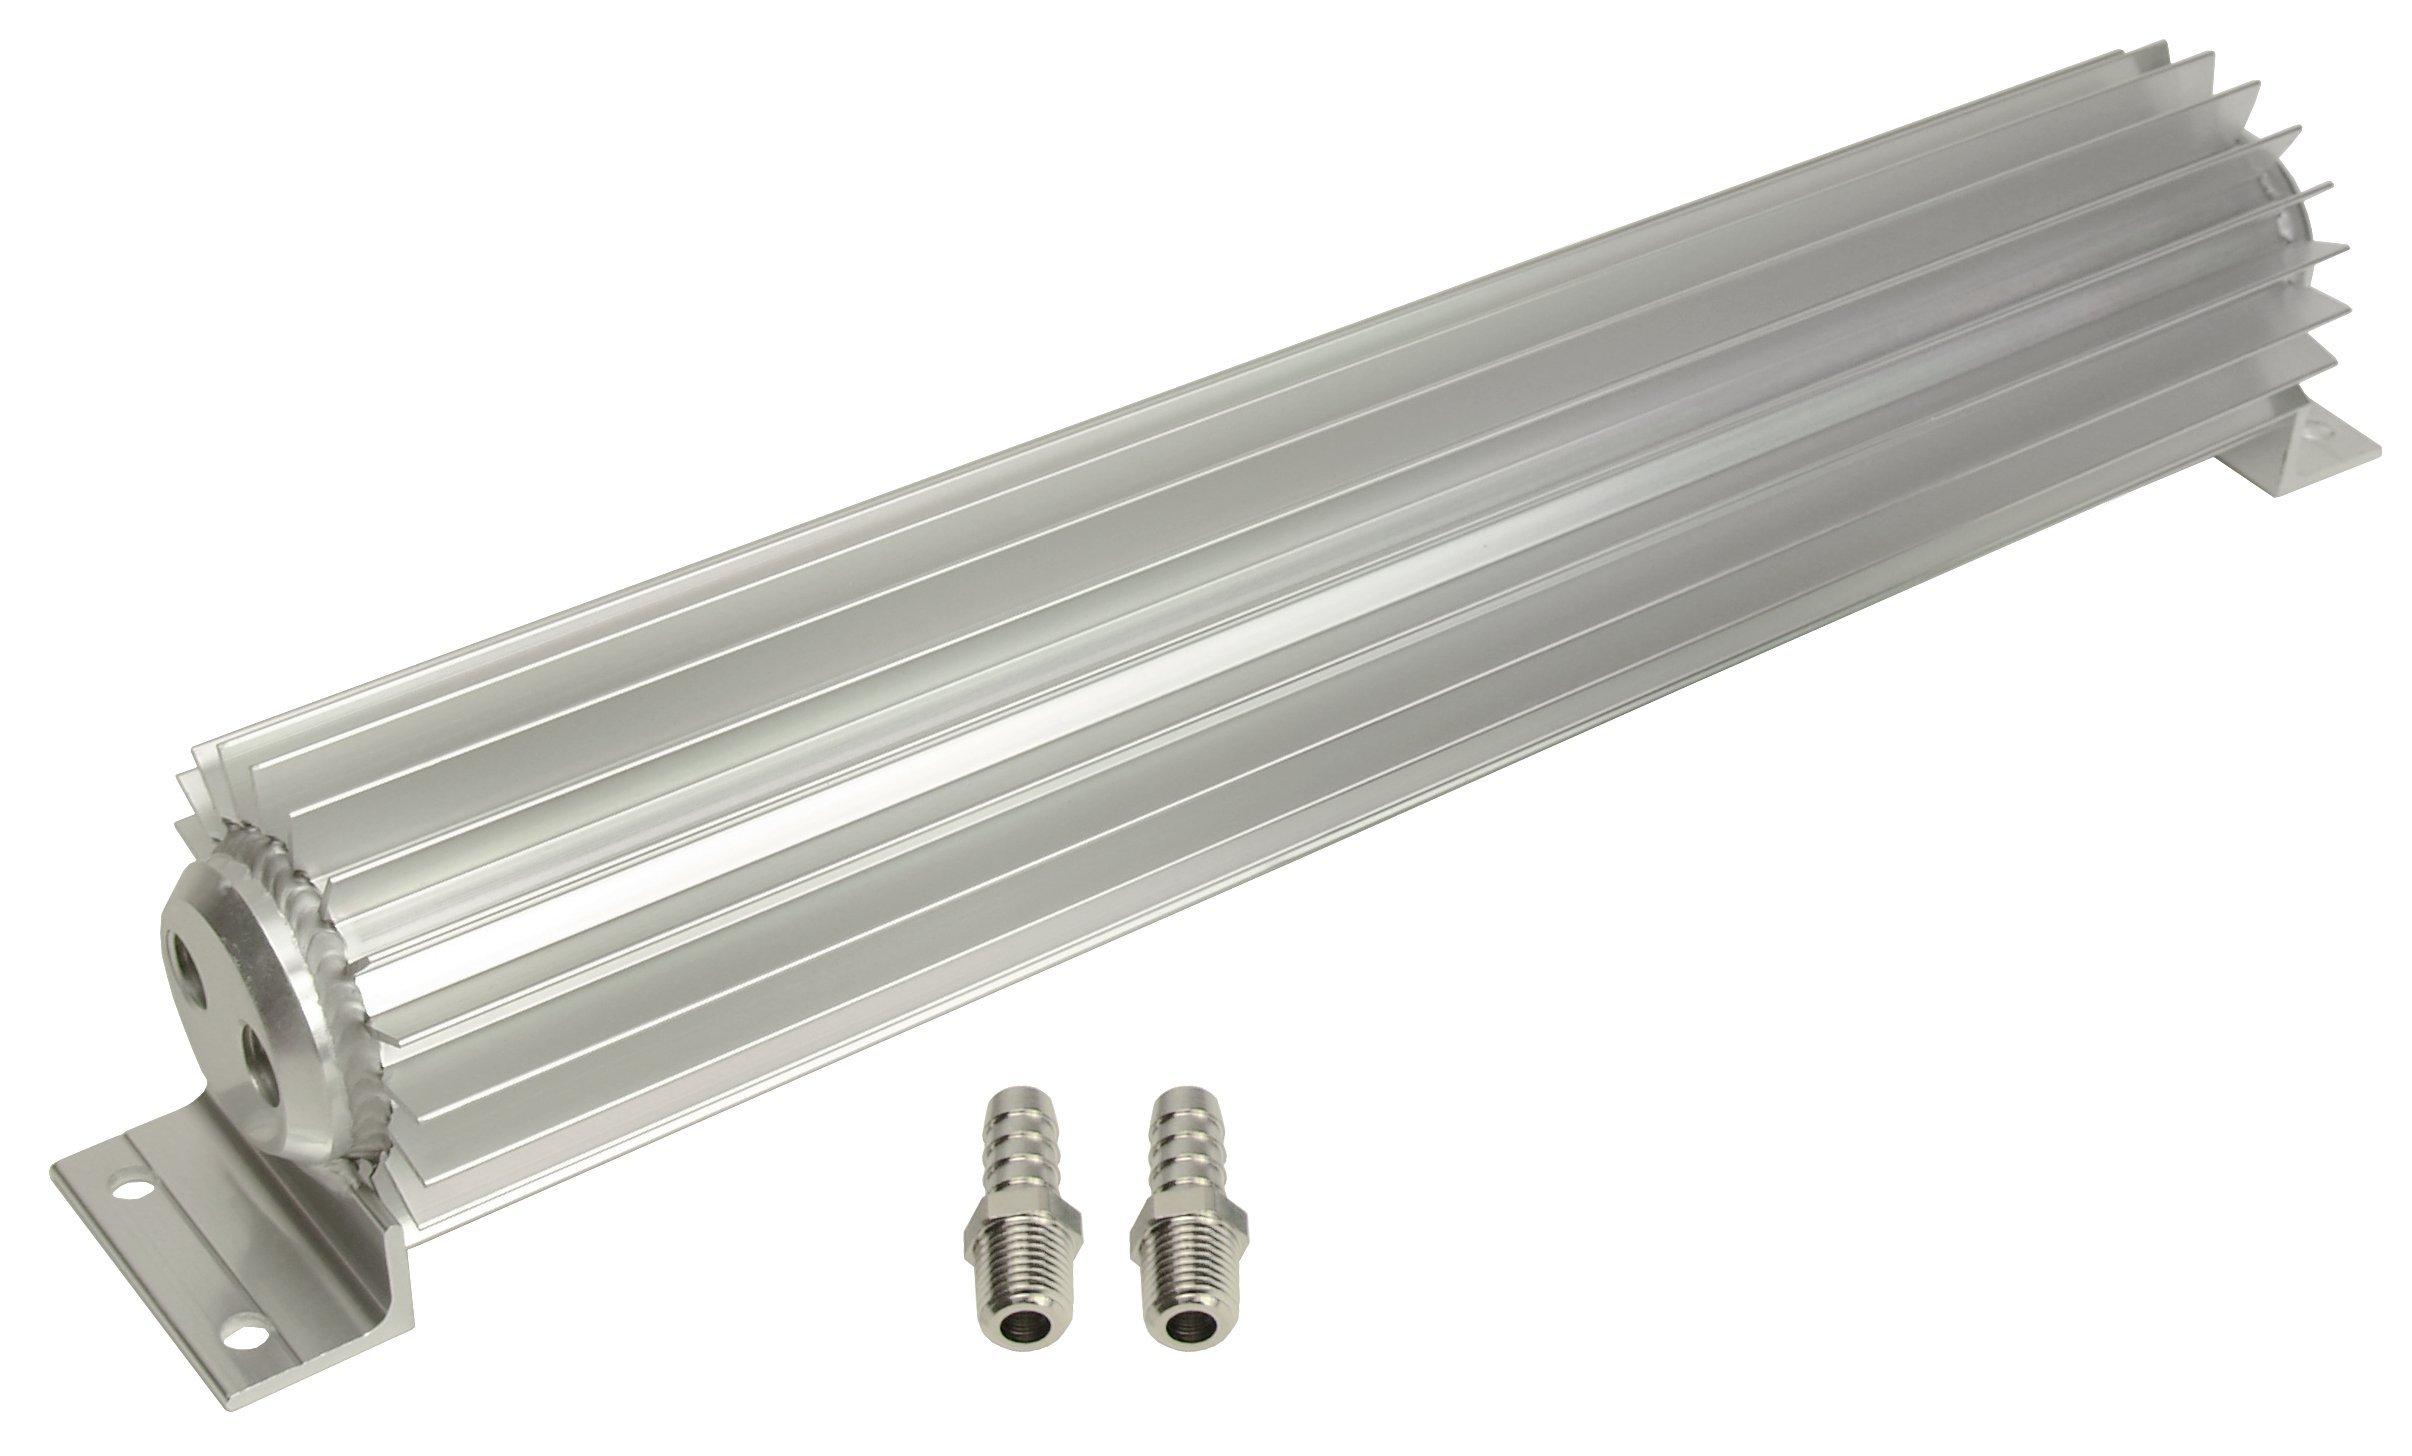 Derale 13261 Dual Pass Aluminum Heat Sink Cooler by Derale